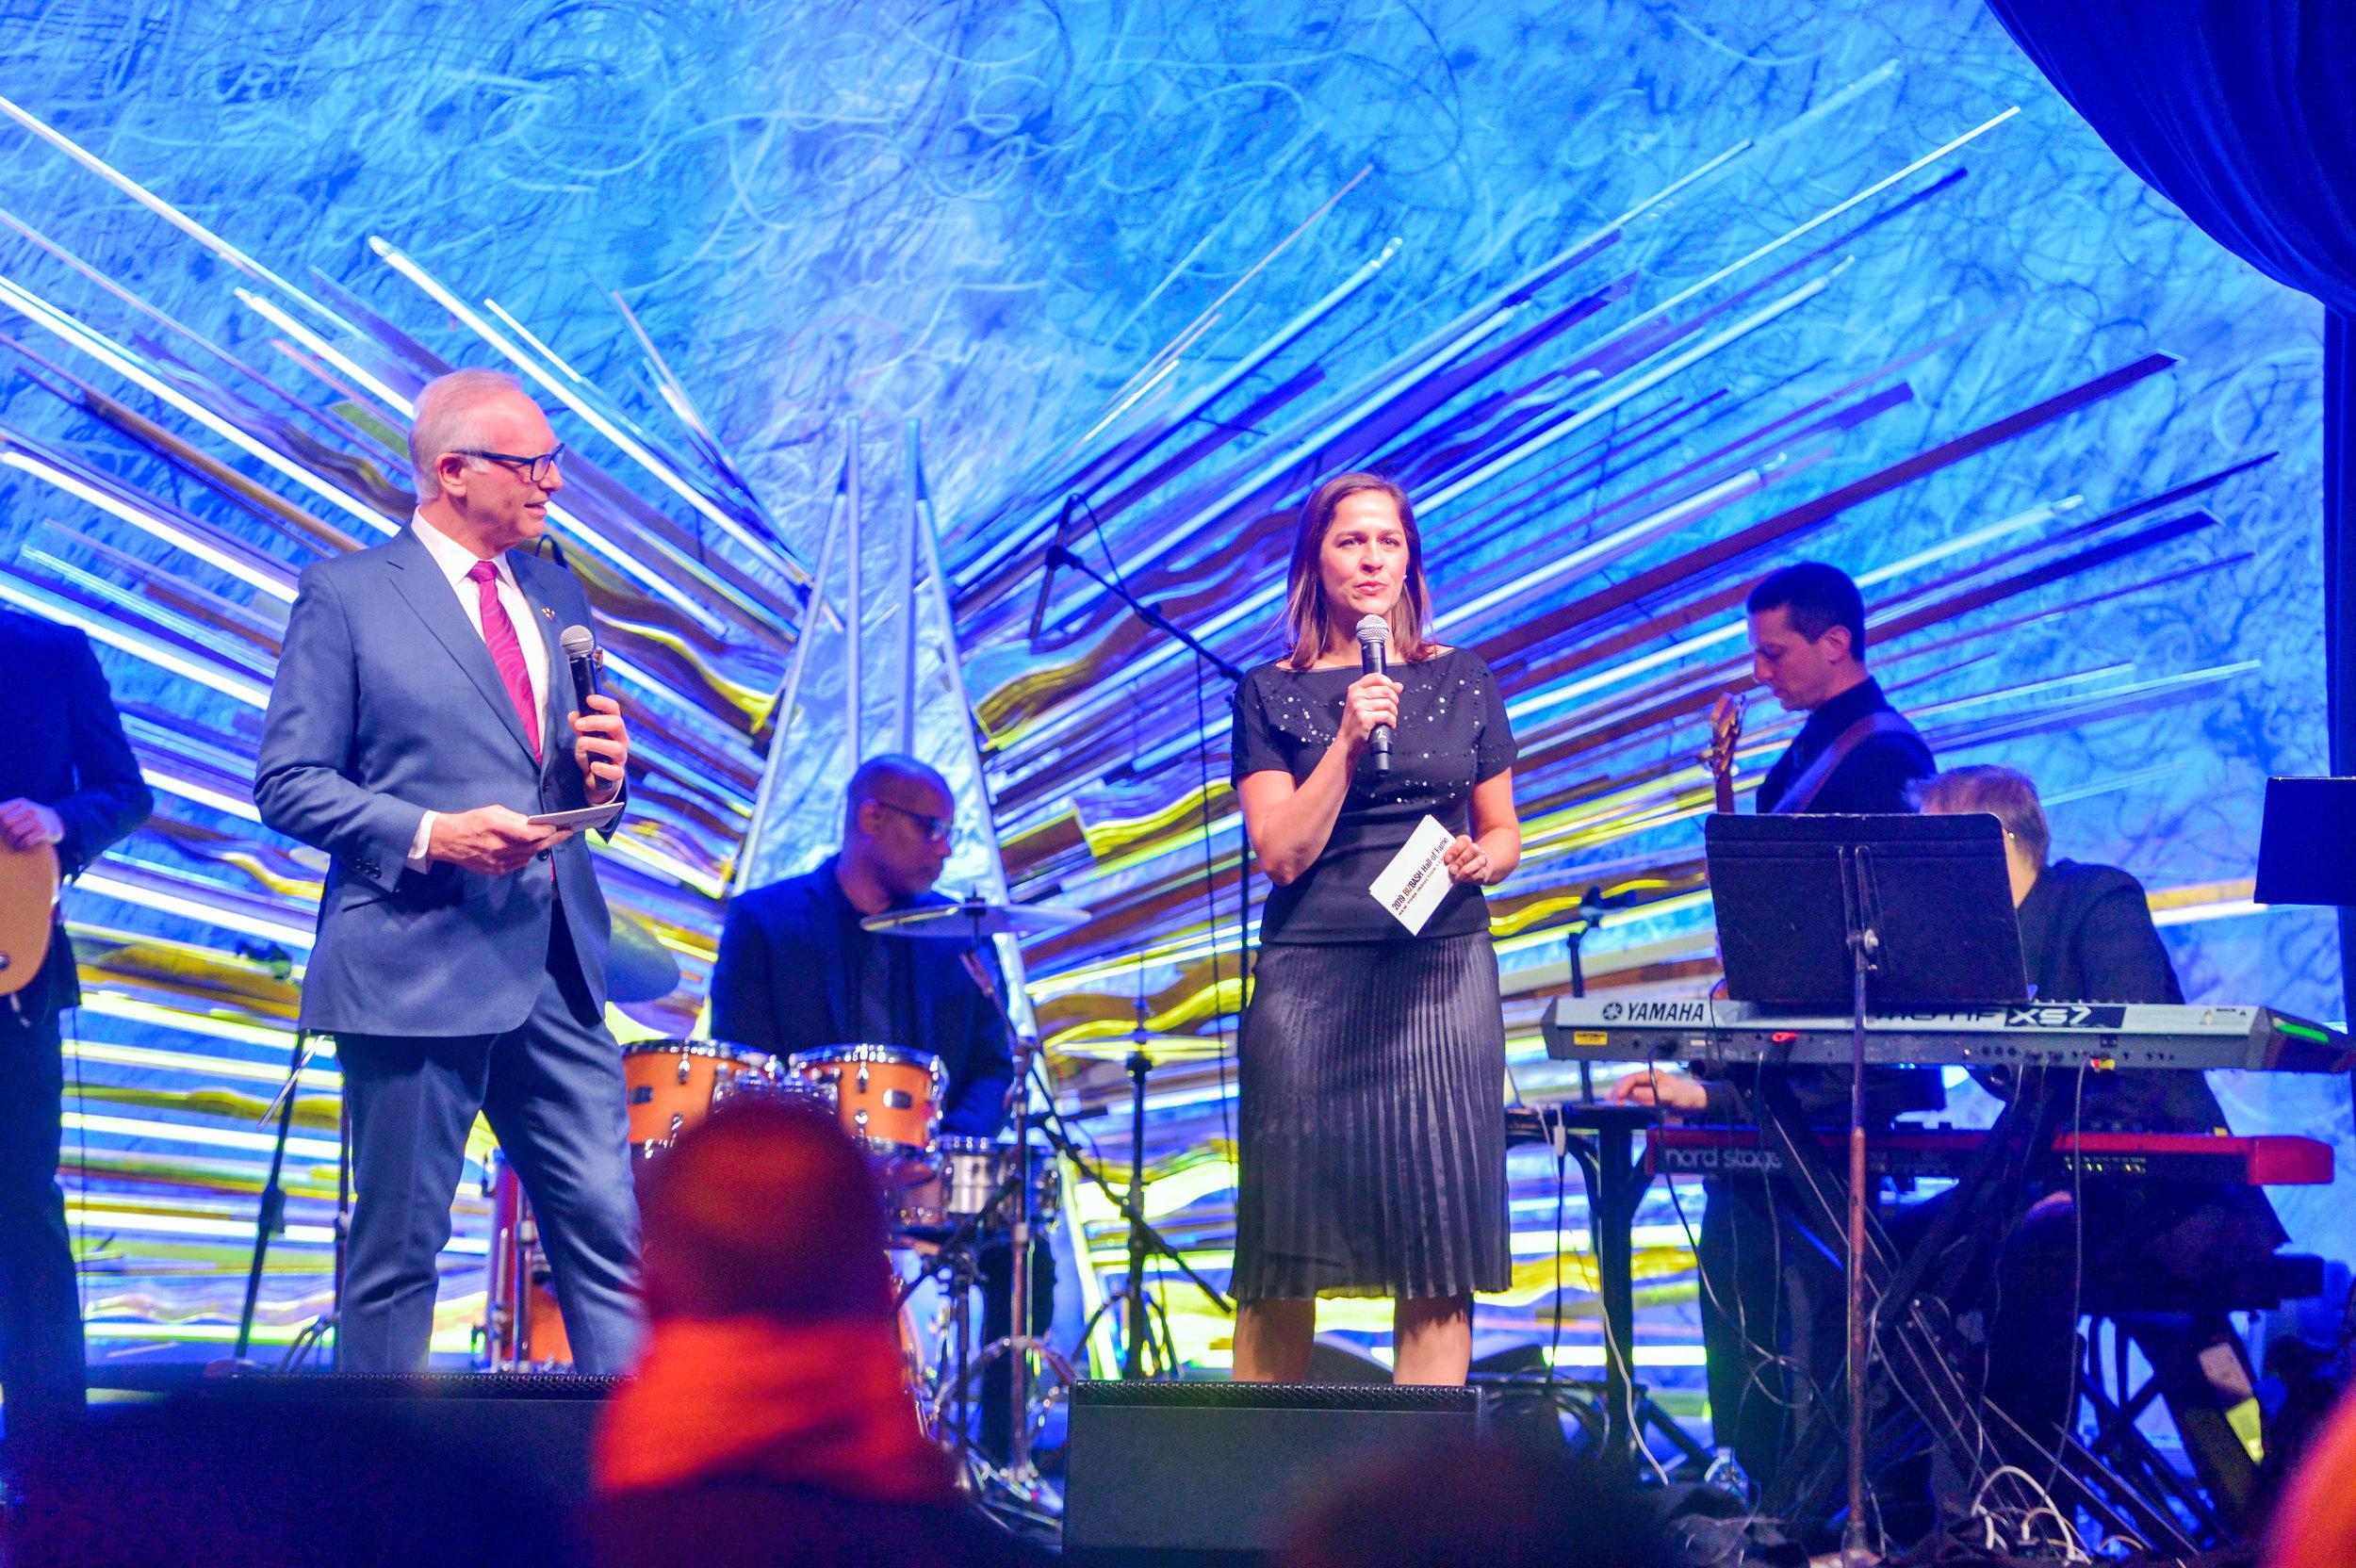 OHelloMedia-BizBashHallofFameNYC-Awards-6461.jpg